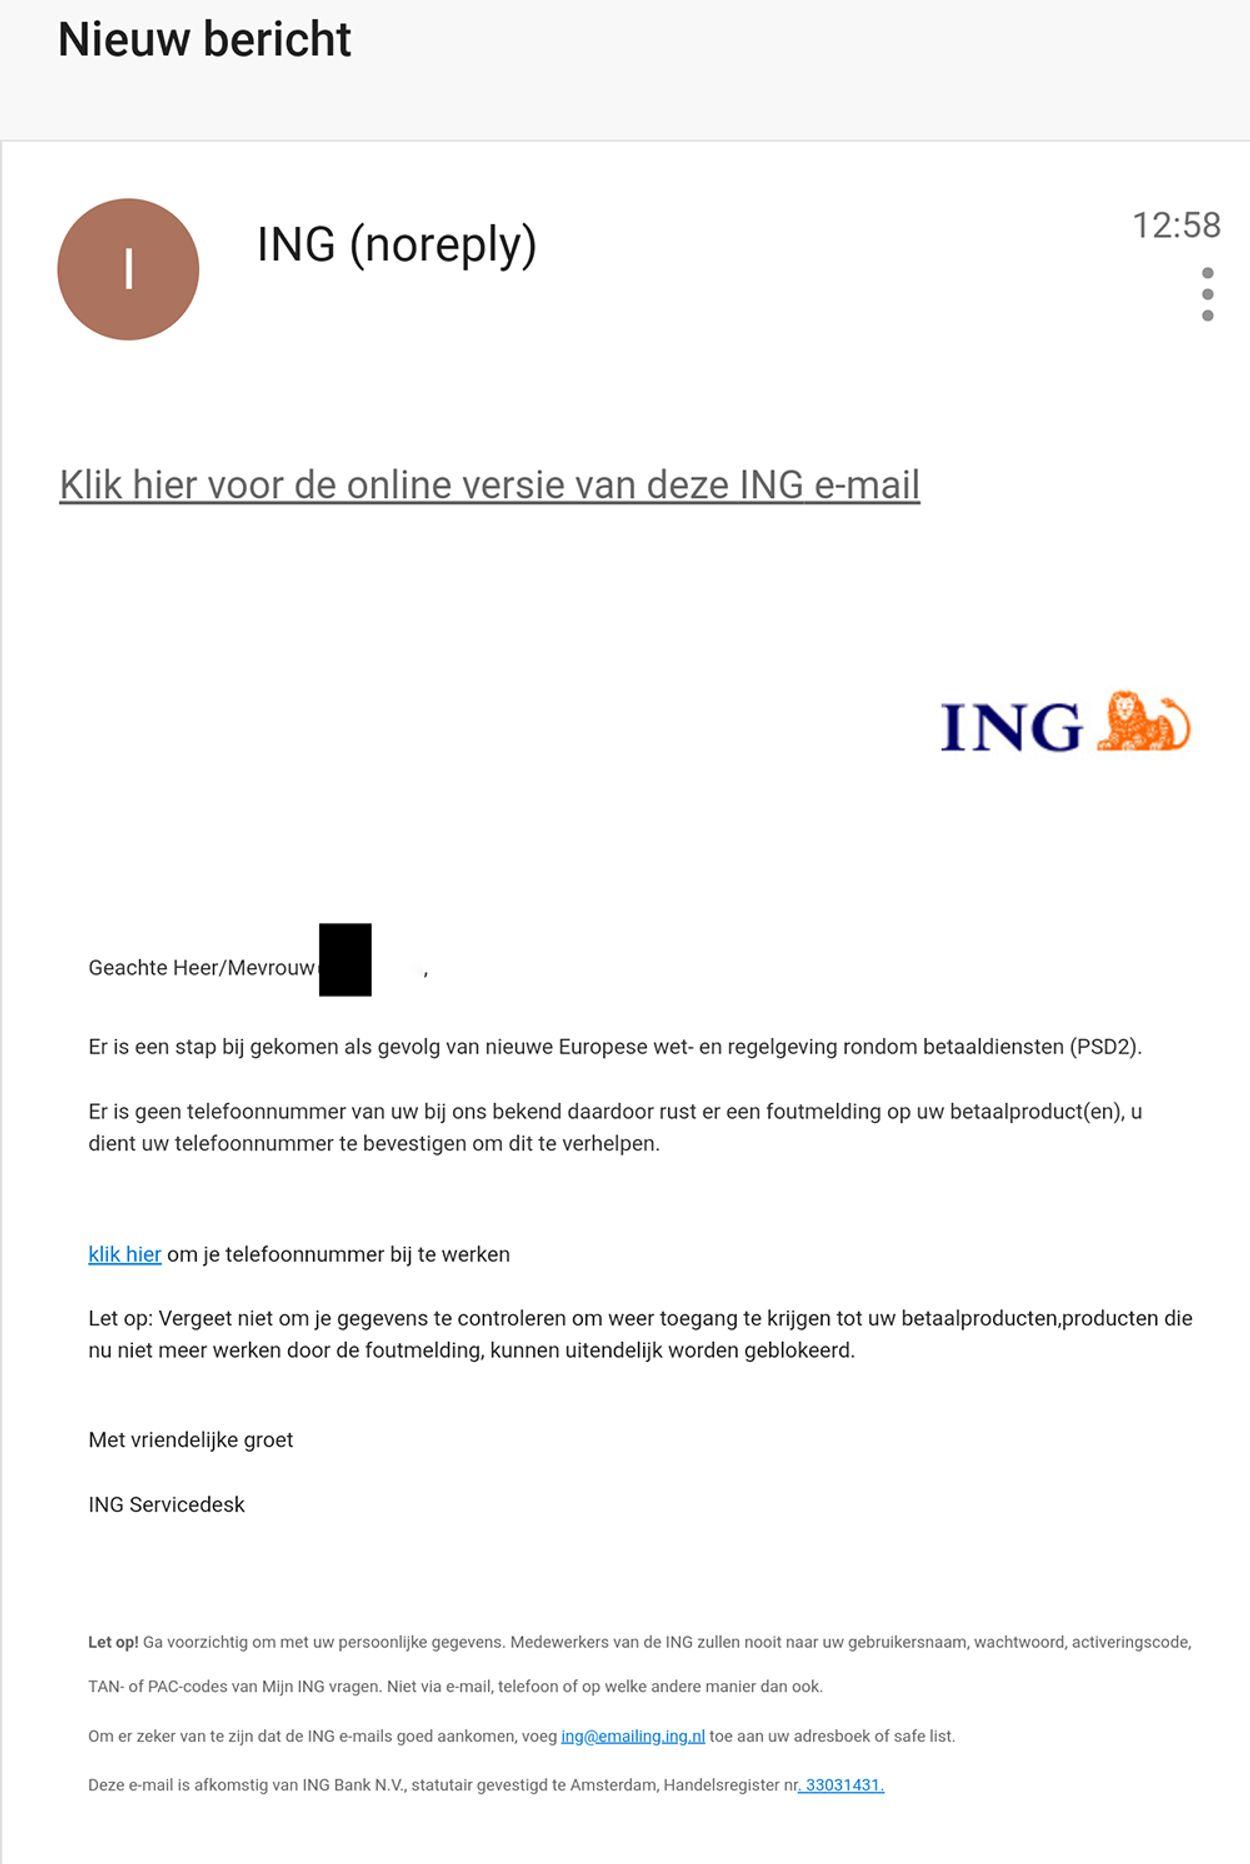 nieuw bericht ING